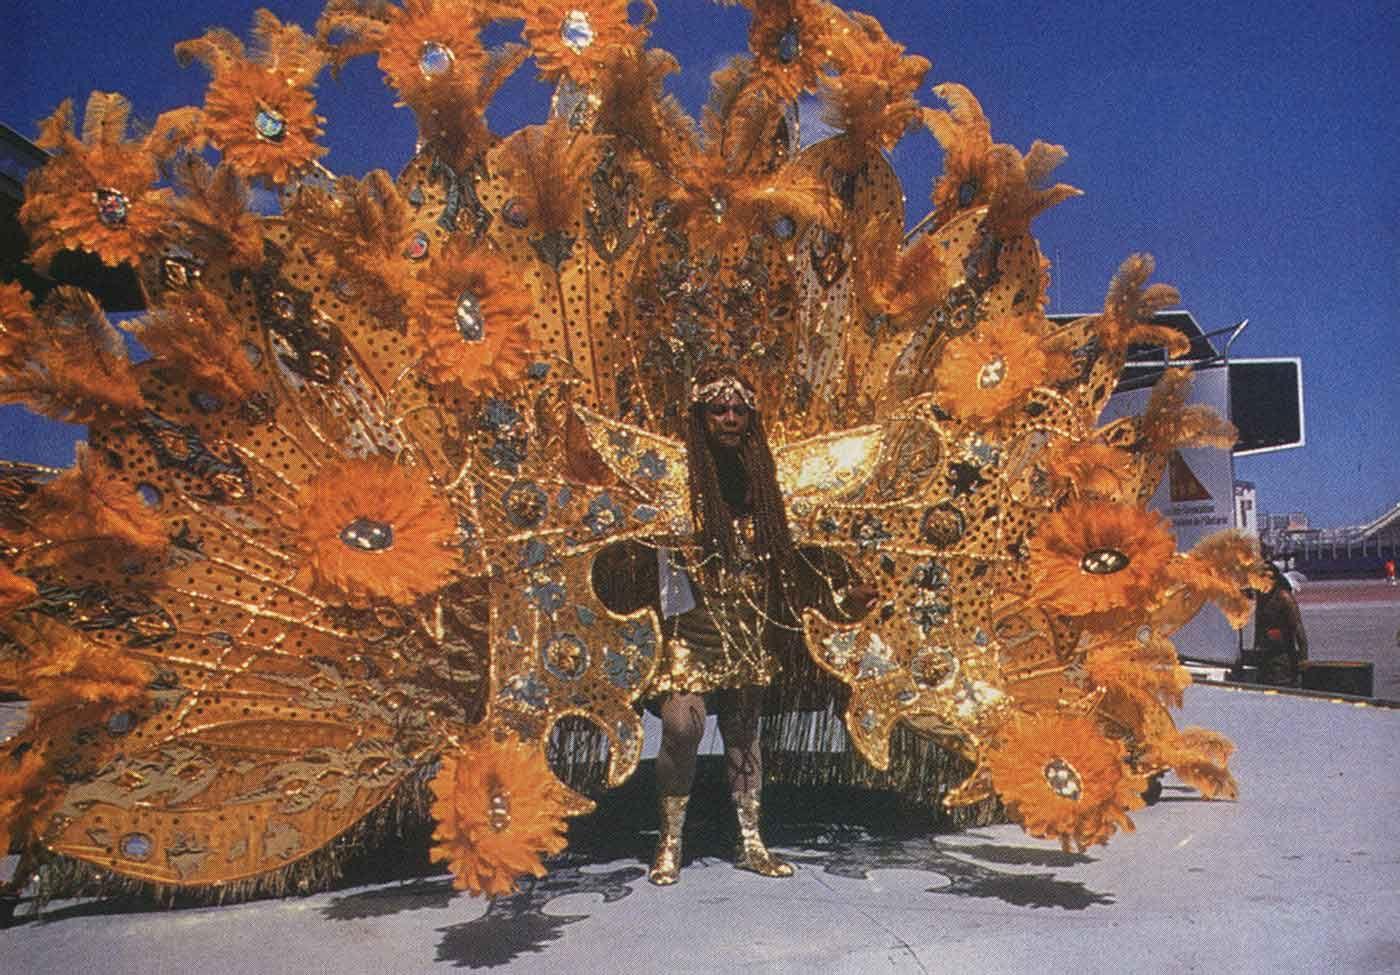 Trinidad Carnival at Toronto's Caribana. Photograph by Robert D Watkins Jr.